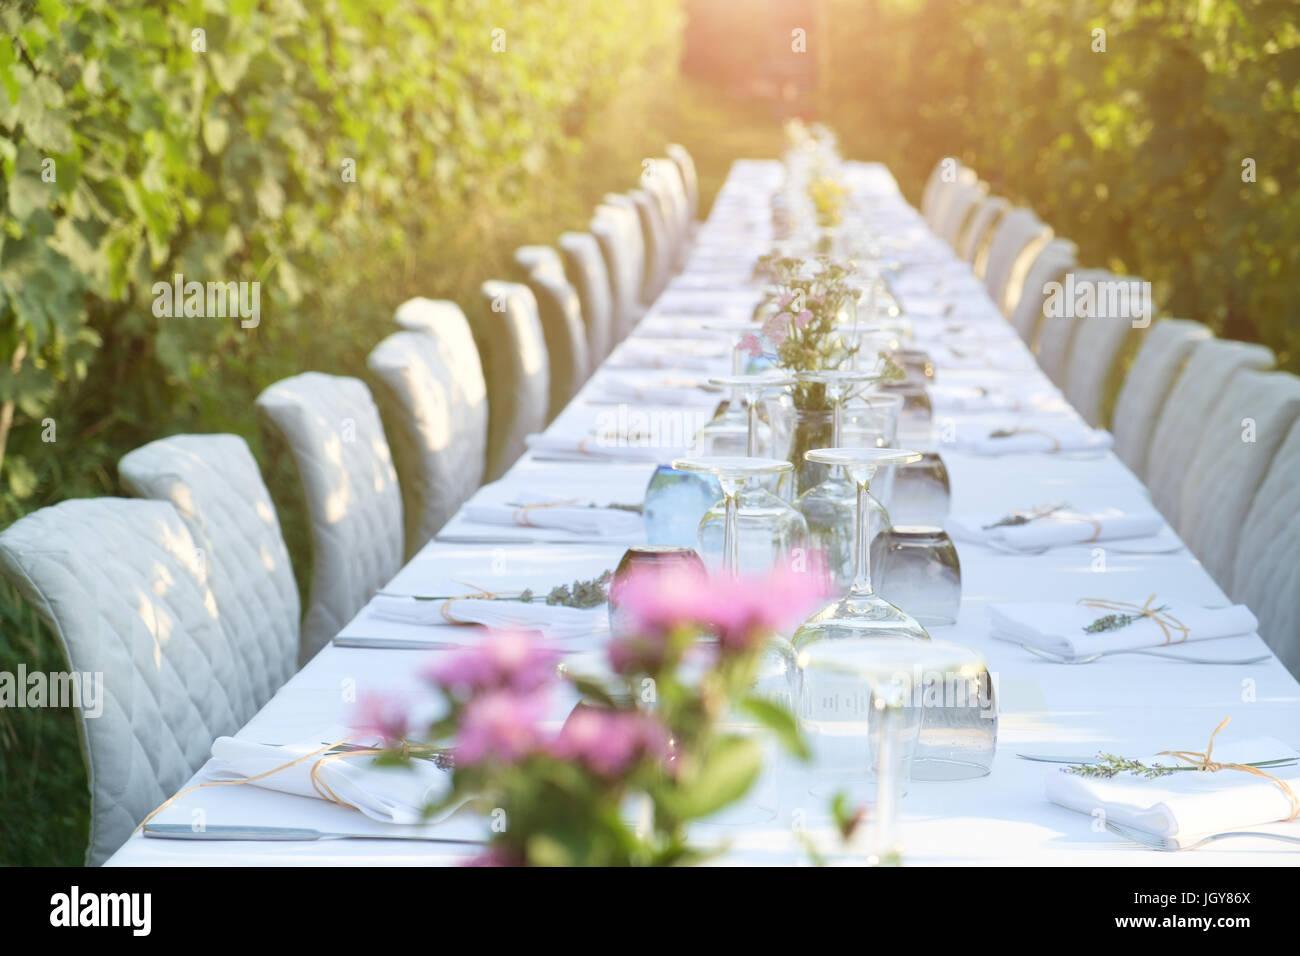 Partytisch für social Event inmitten der Landschaft Stockbild